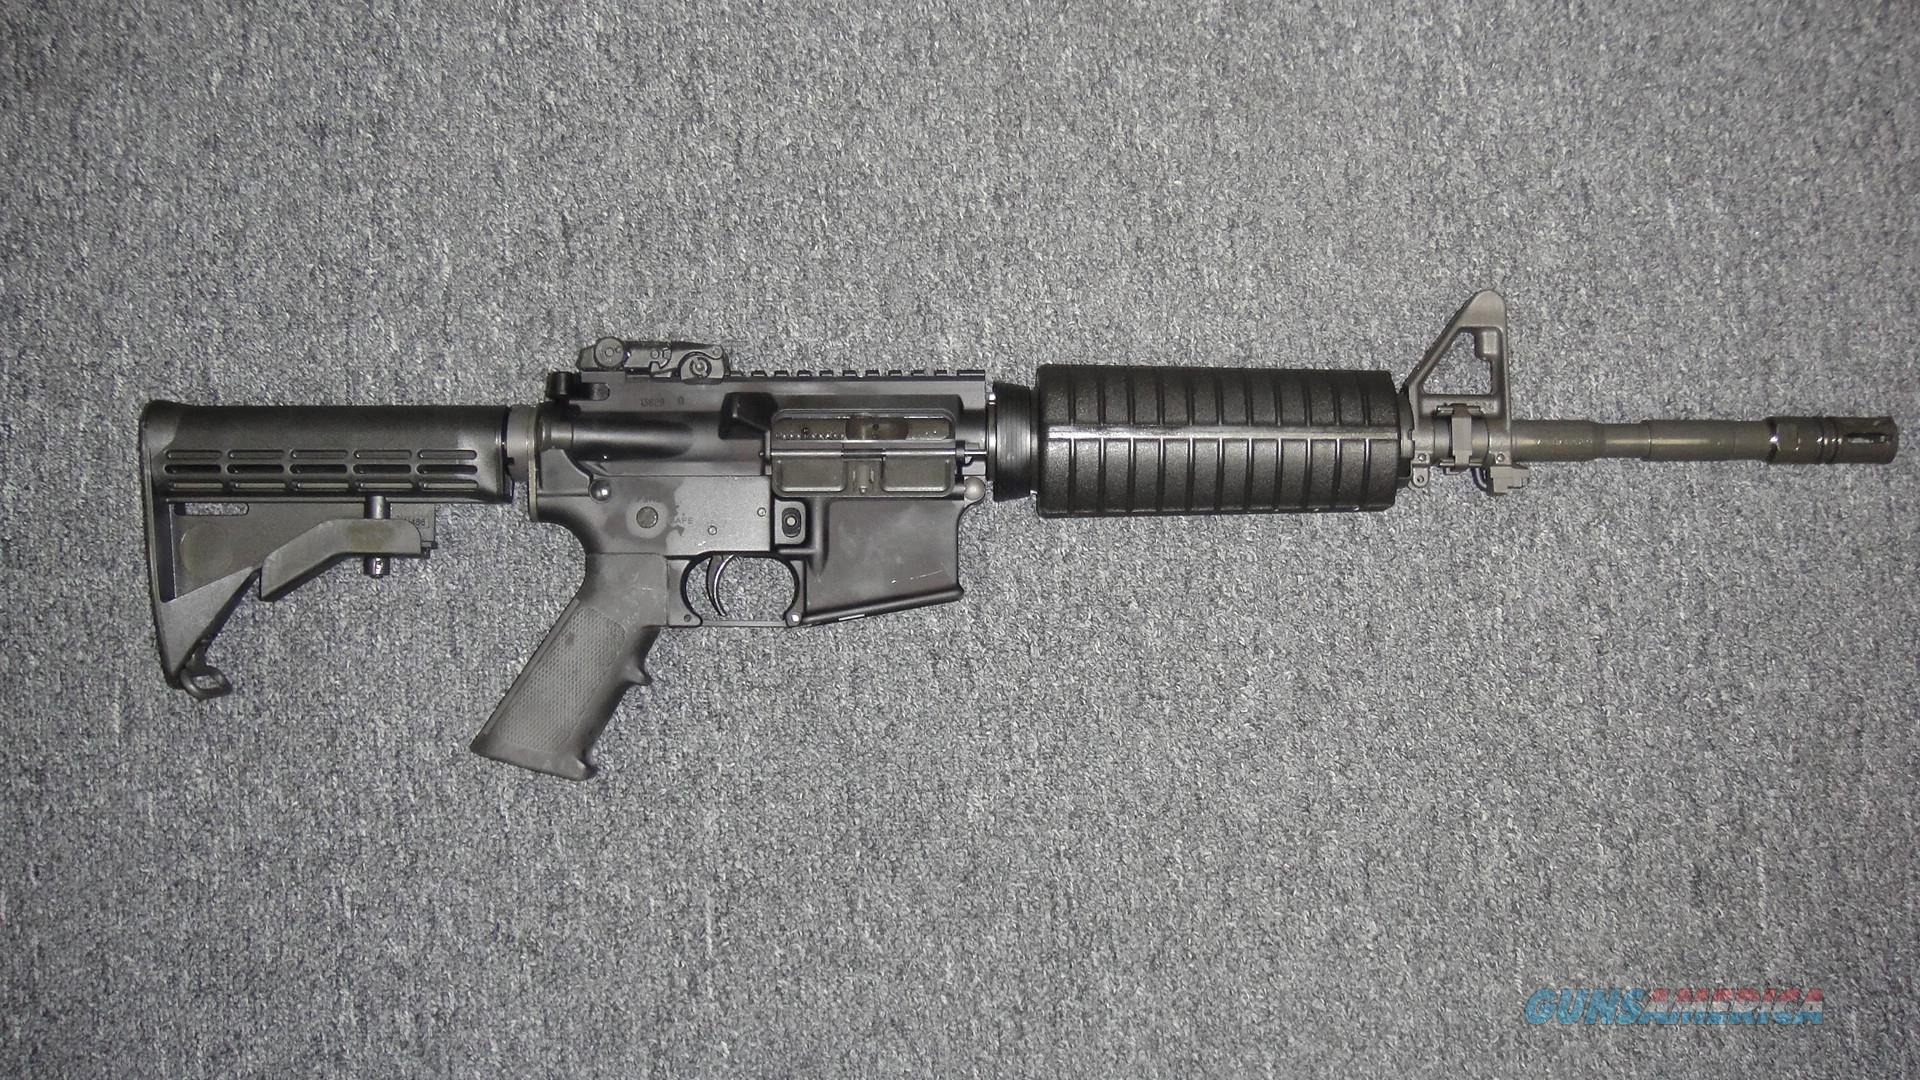 Colt M4 Carbine LE6920HBPW  Guns > Rifles > Colt Military/Tactical Rifles